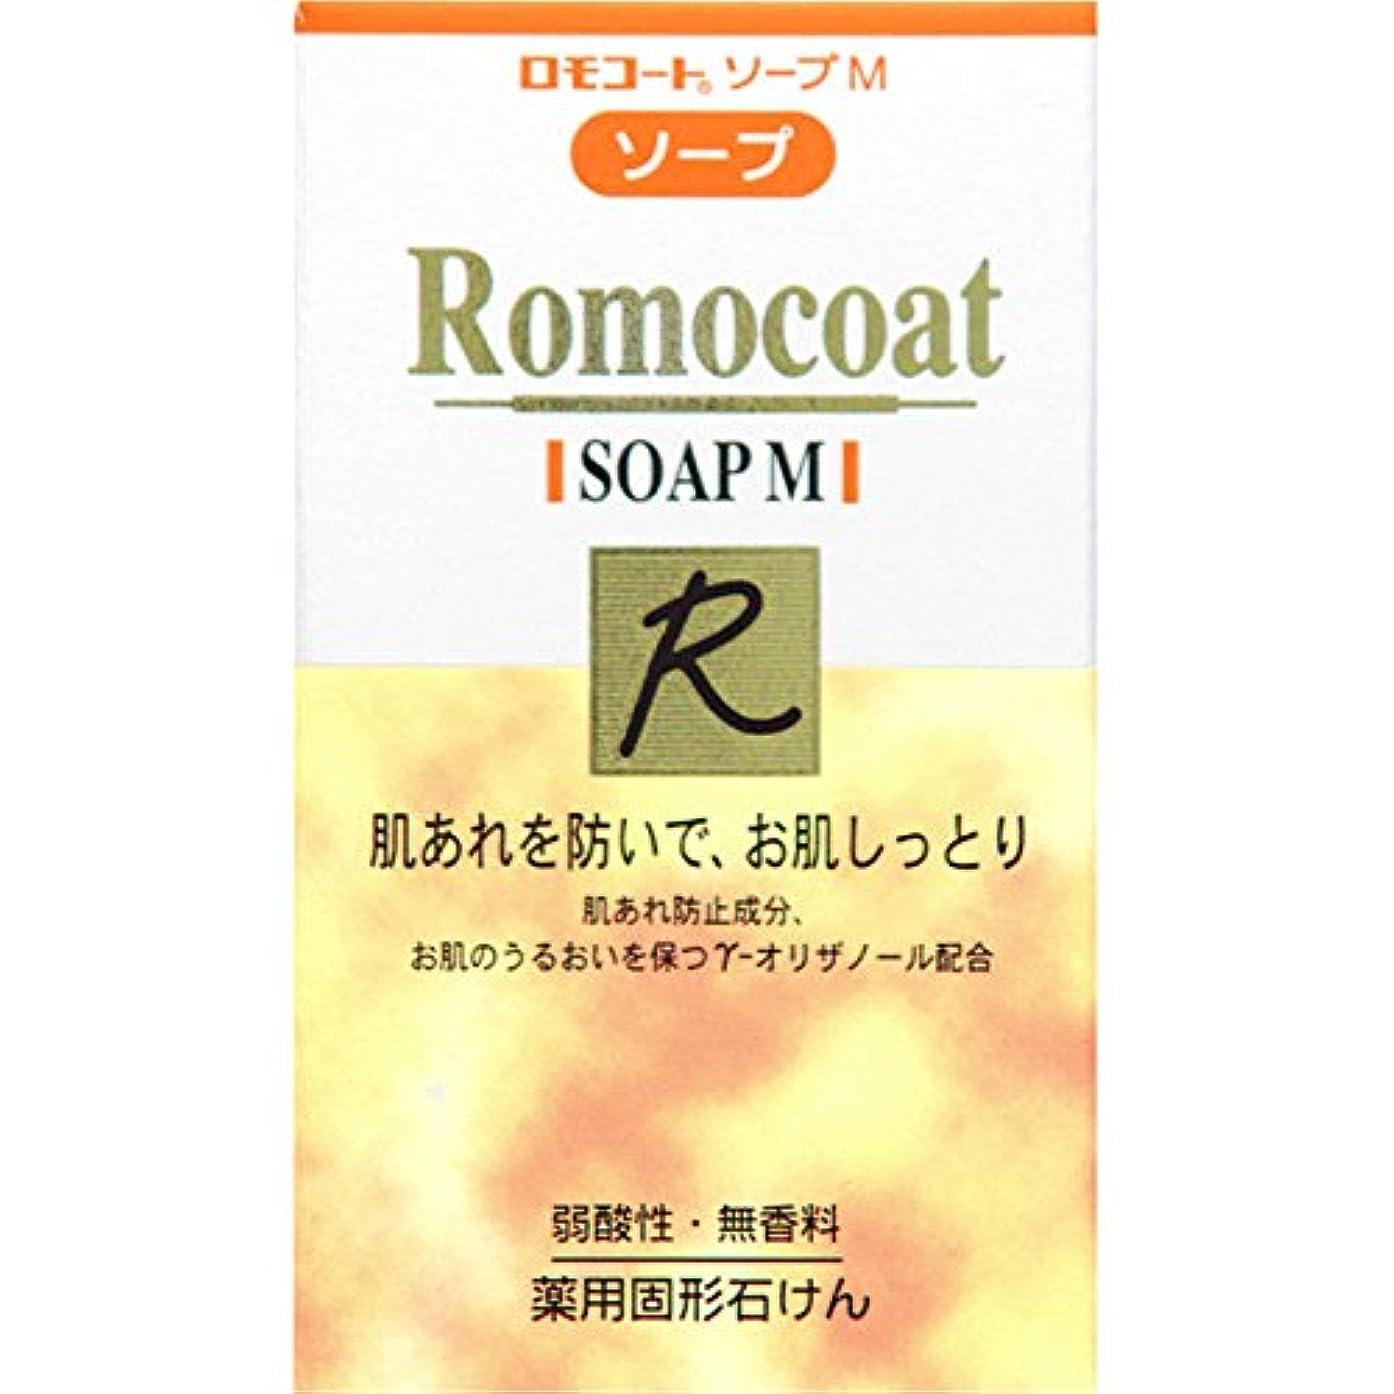 誘惑スクラッチ後退する全薬工業 ロモコート ソープM 60g (医薬部外品)